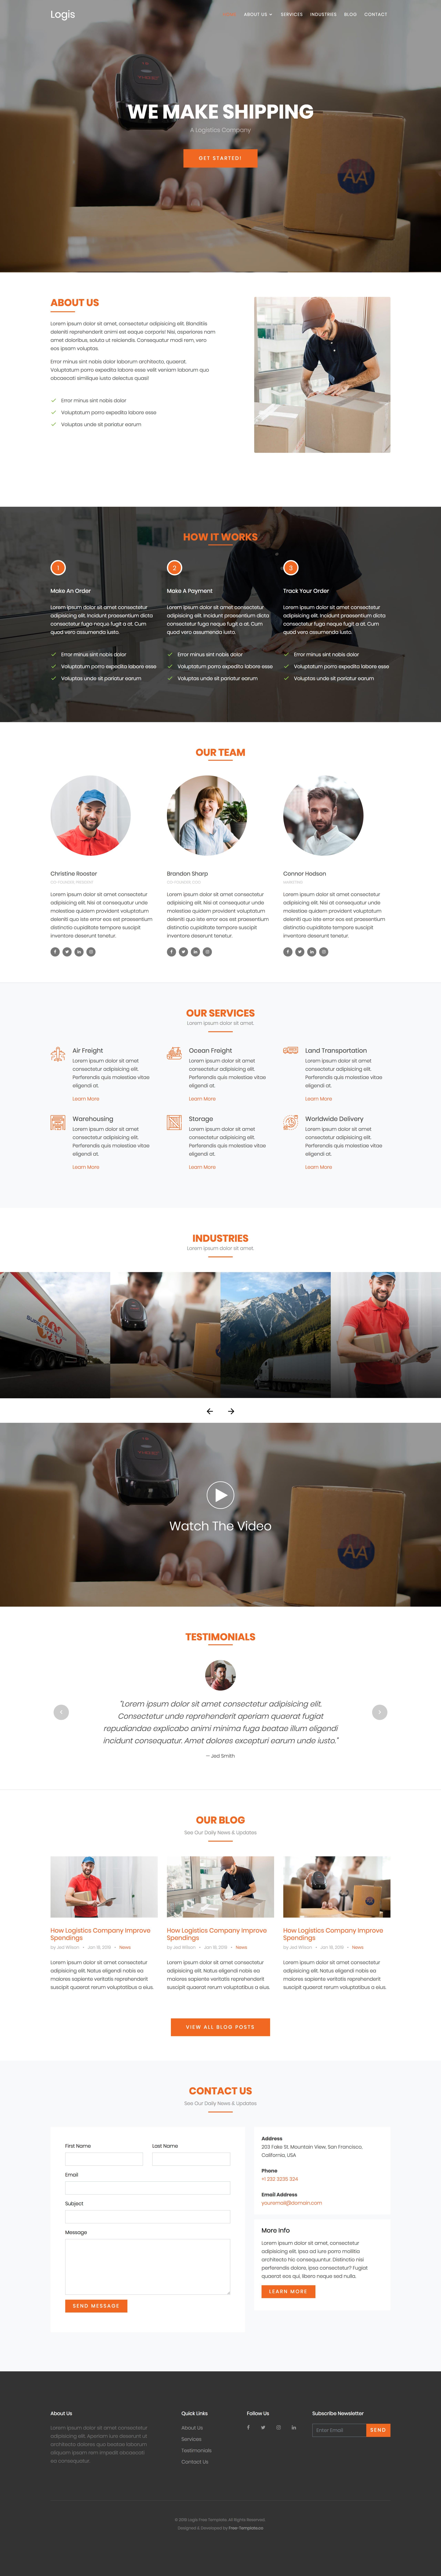 Logis Website Screenshot